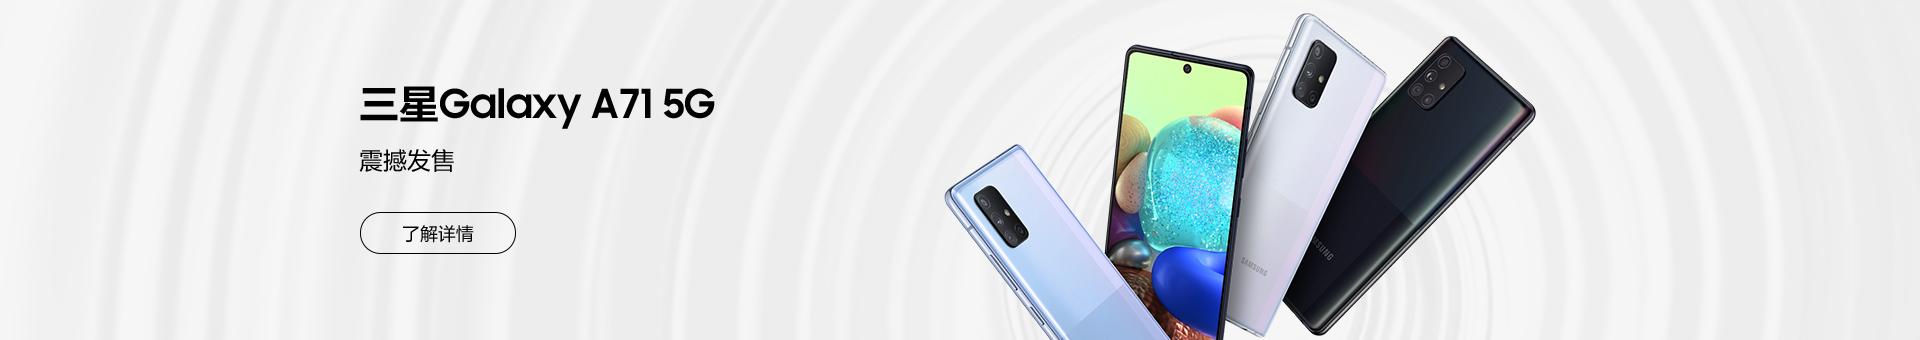 三星Galaxy A71 5G购买福利汇总